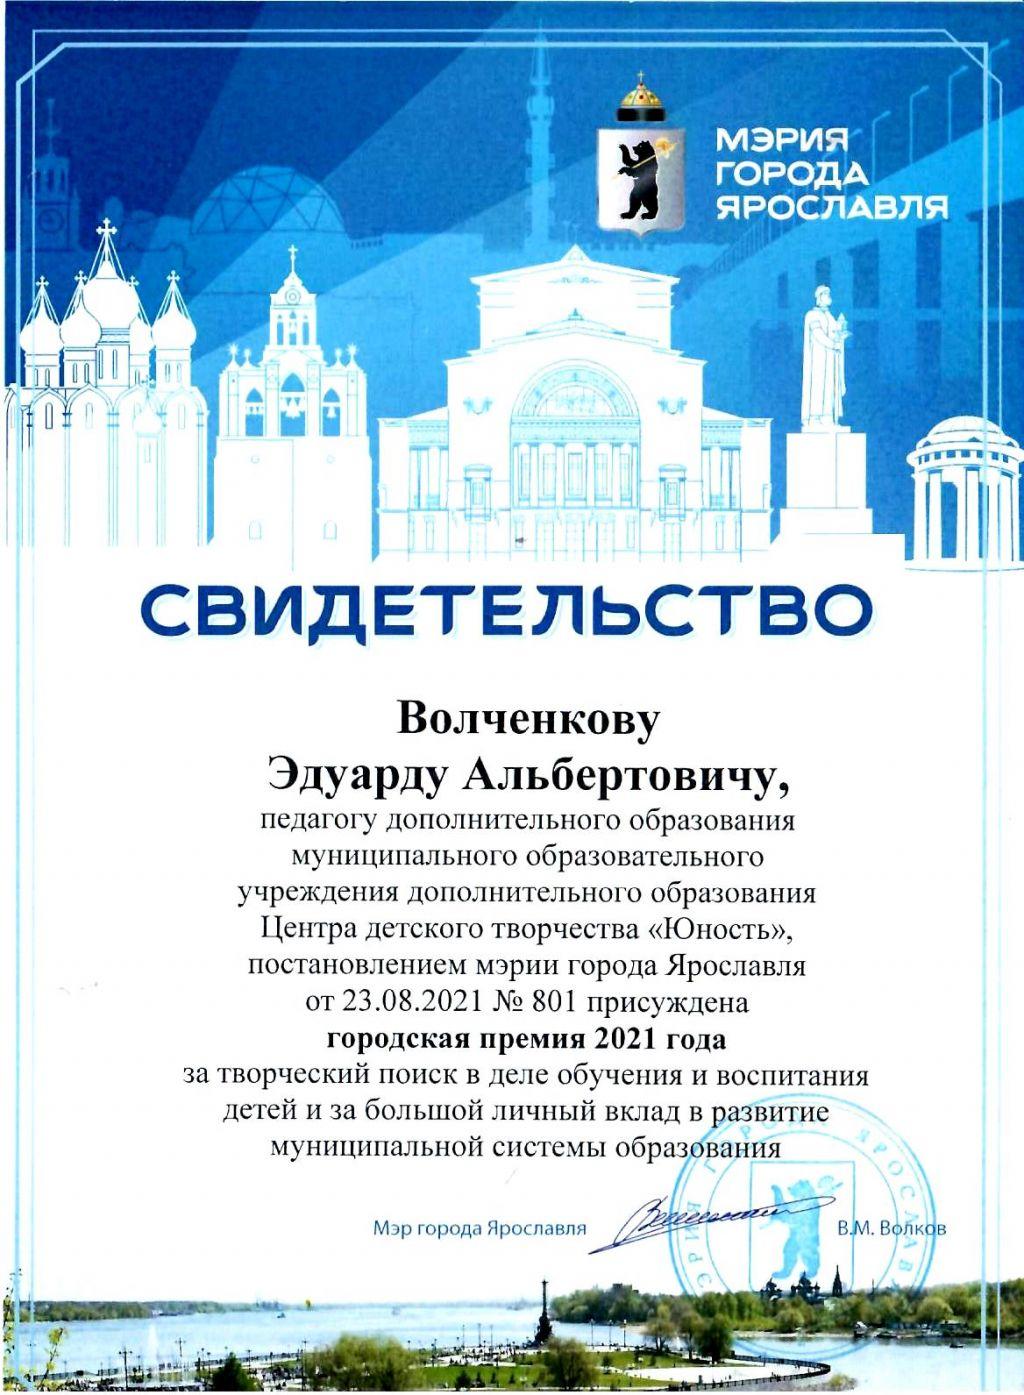 Постановлением мэрии гор. Ярославля от 23.08.2021 г. Волченкову Эдуарду Альбертовичу присуждена го-